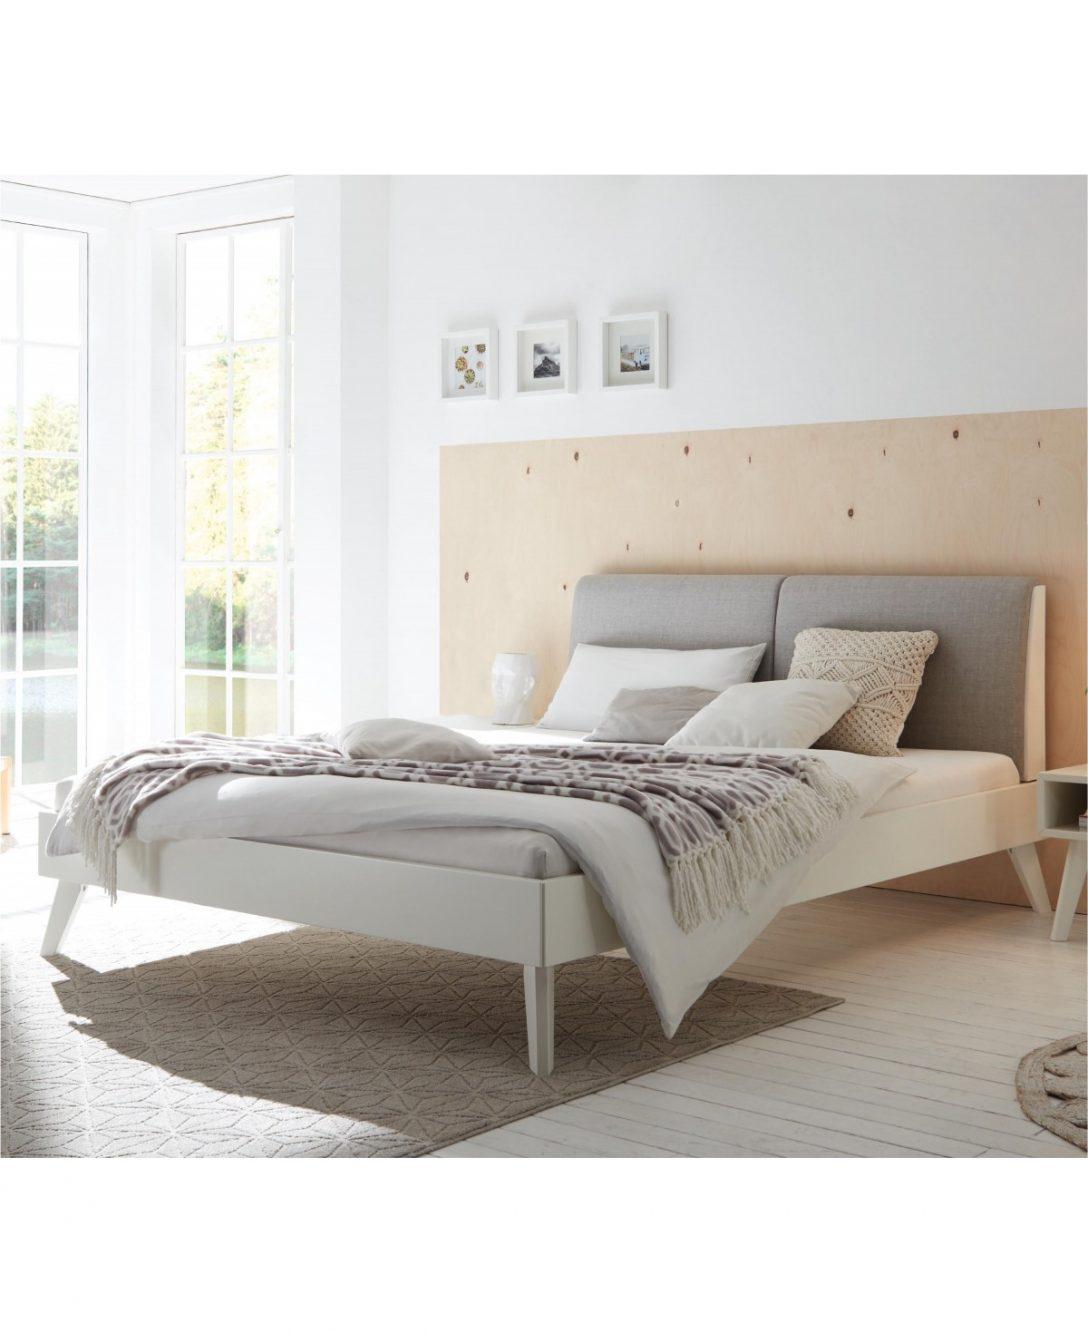 Large Size of Hasena Bett Simone 20 Buche Wei Deckend Polsterkopfteil Grau 180x200 Betten Coole Weiße Weißes 90x200 Schweißausbrüche Wechseljahre Günstige Regal Sofa Bett Betten Weiß